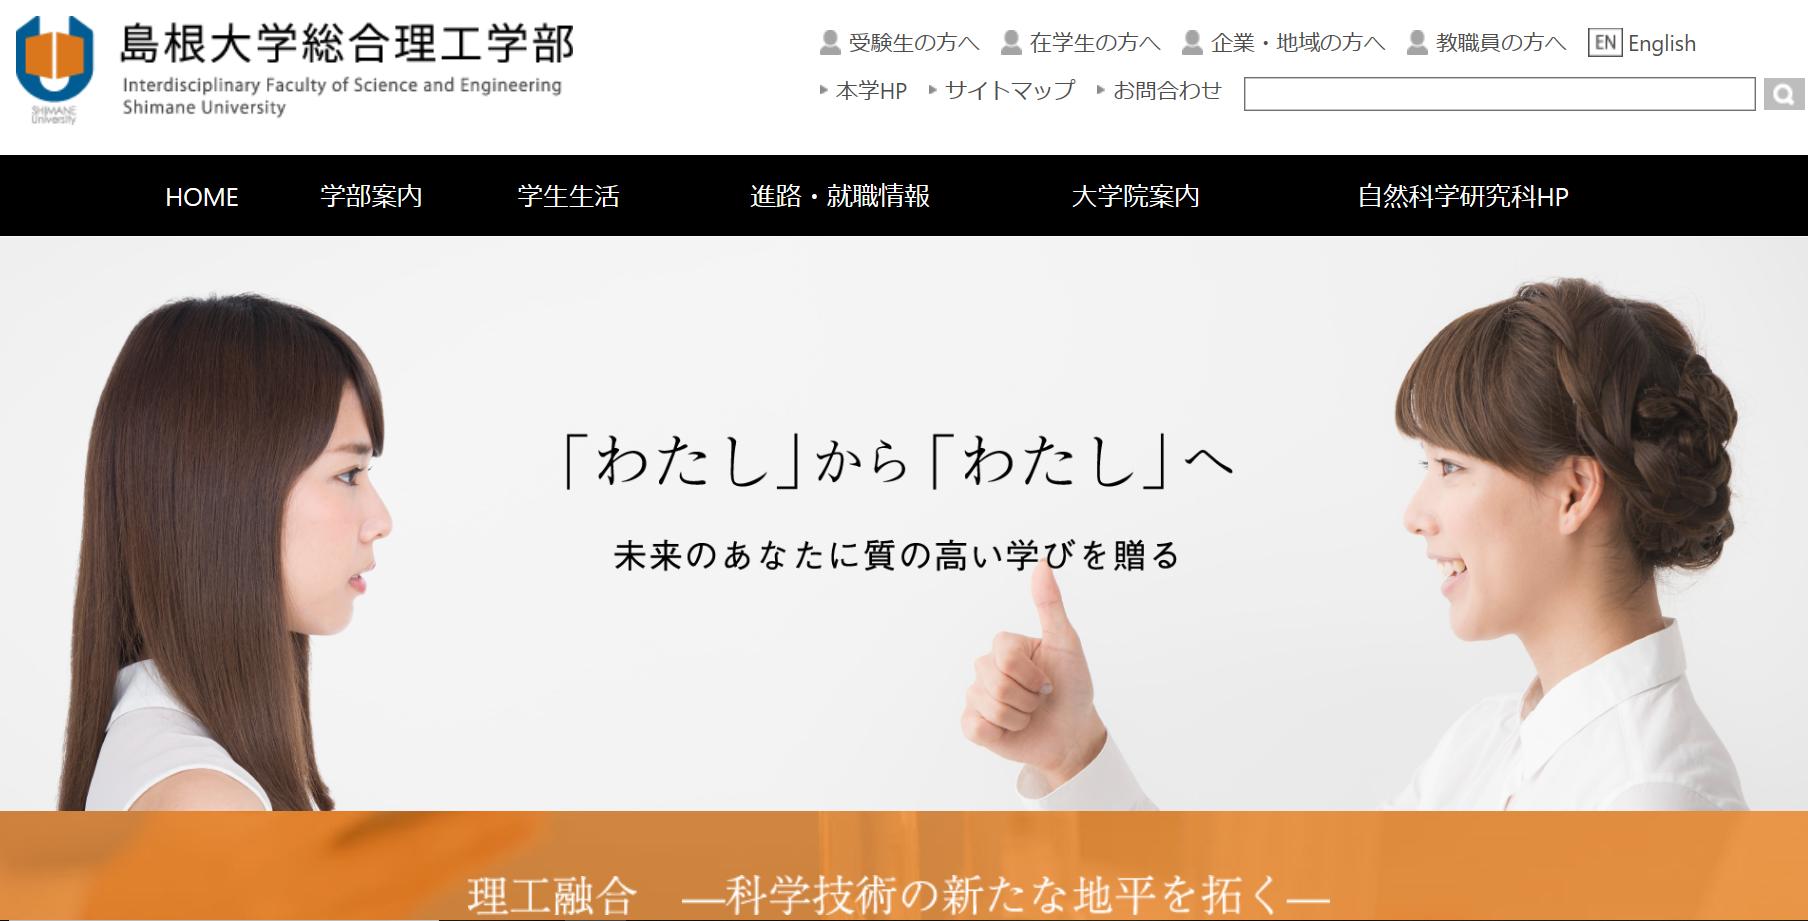 島根大学の評判・口コミ【総合理工学部編】